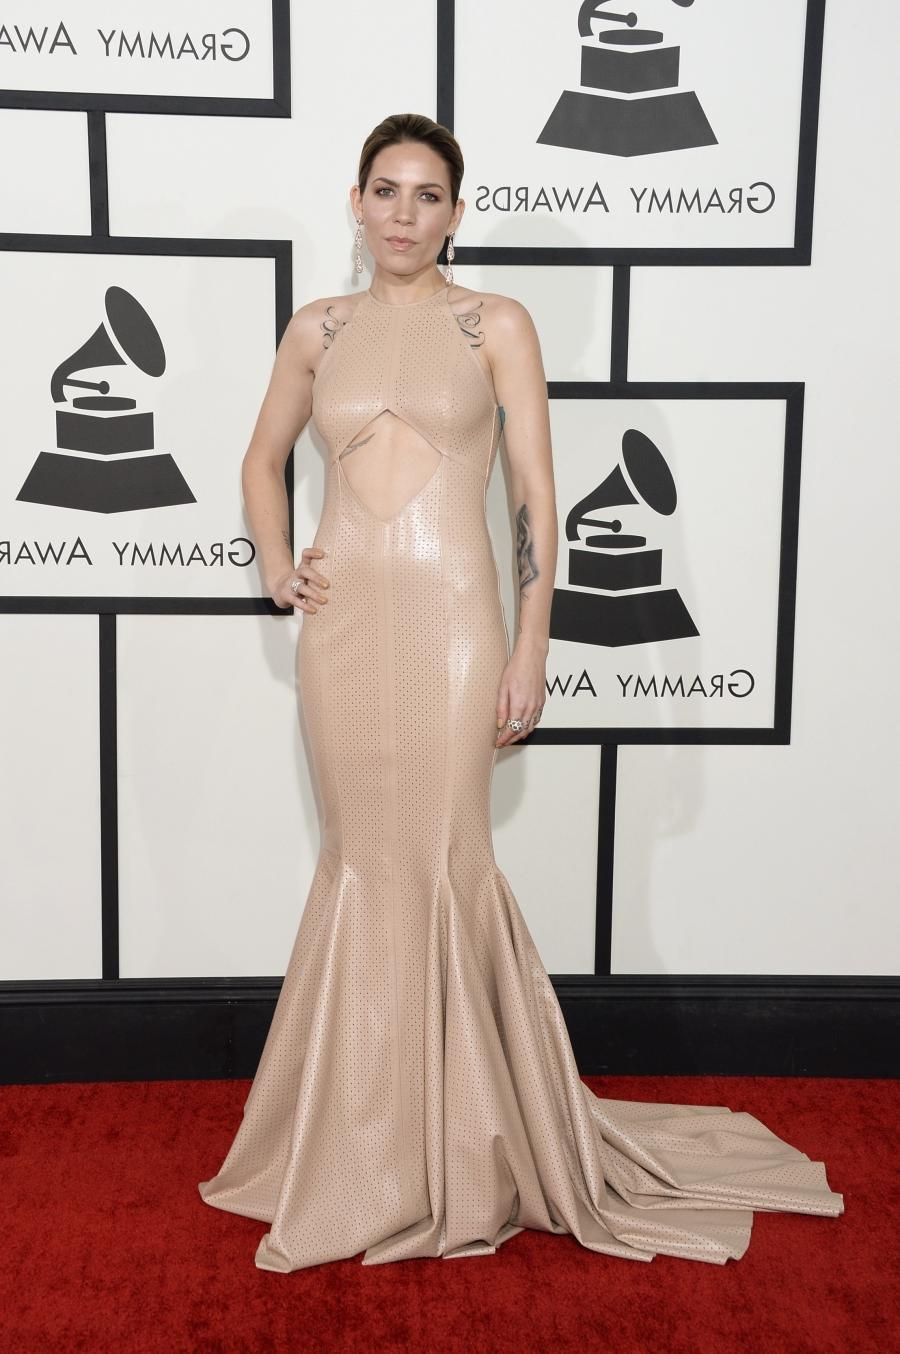 Grammys worst dressed 2014